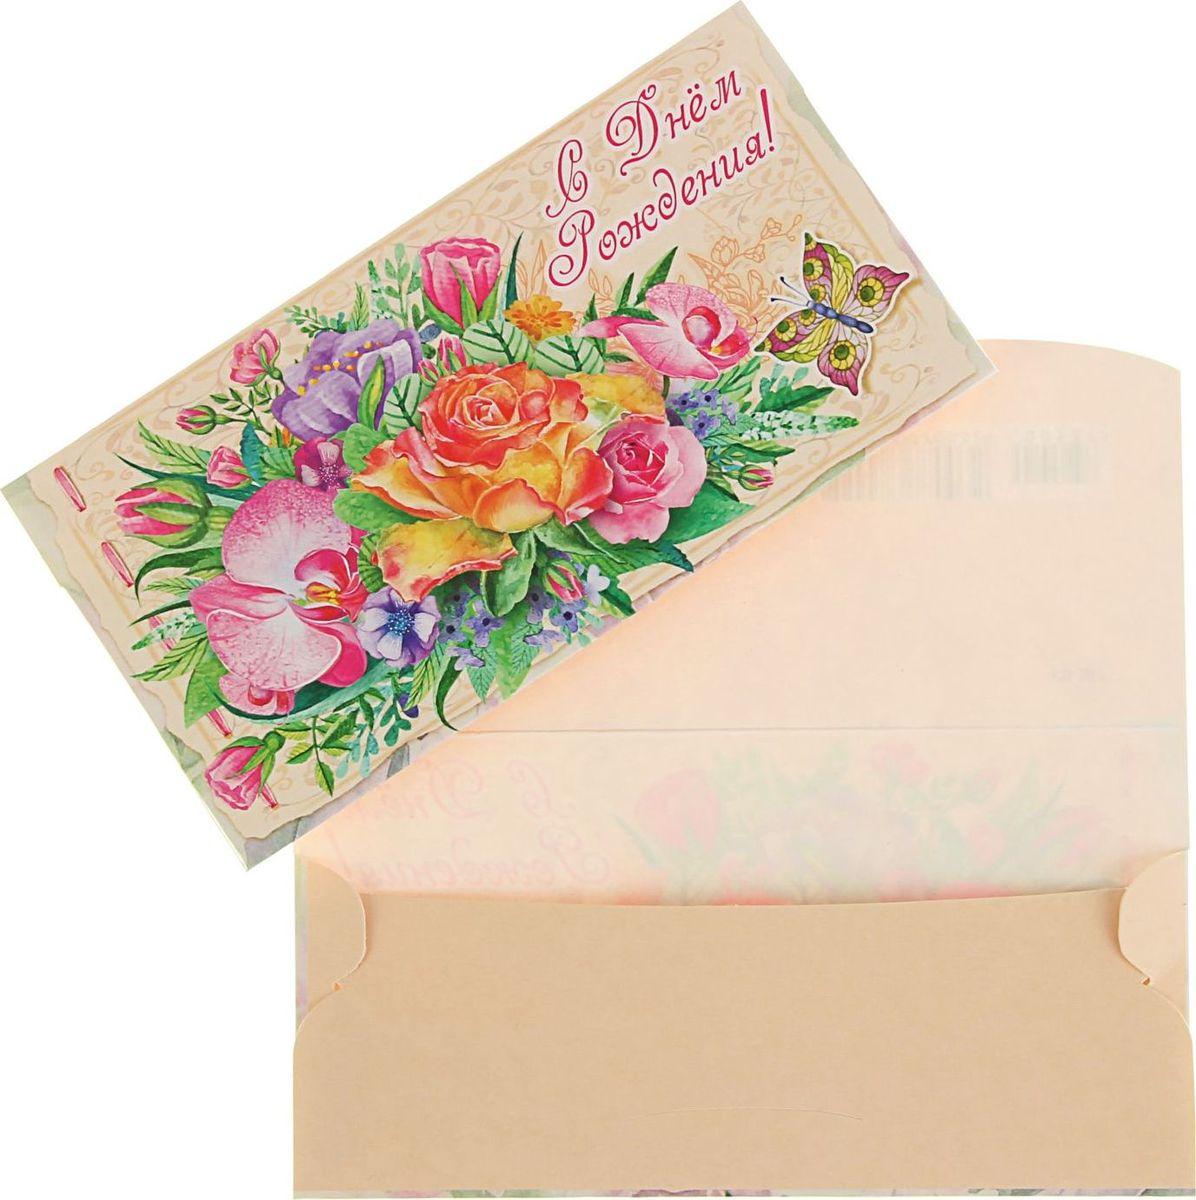 Конверт для денег Эдельвейс С Днем Рождения! Розовые цветы, 17 х 8,8 см1735027Невозможно представить нашу жизнь без праздников! Мы всегда ждём их и предвкушаем, обдумываем, как проведём памятный день, тщательно выбираем подарки и аксессуары, ведь именно они создают и поддерживают торжественный настрой. Этот конверт для денег - отличный выбор, который привнесёт атмосферу праздника в ваш дом!